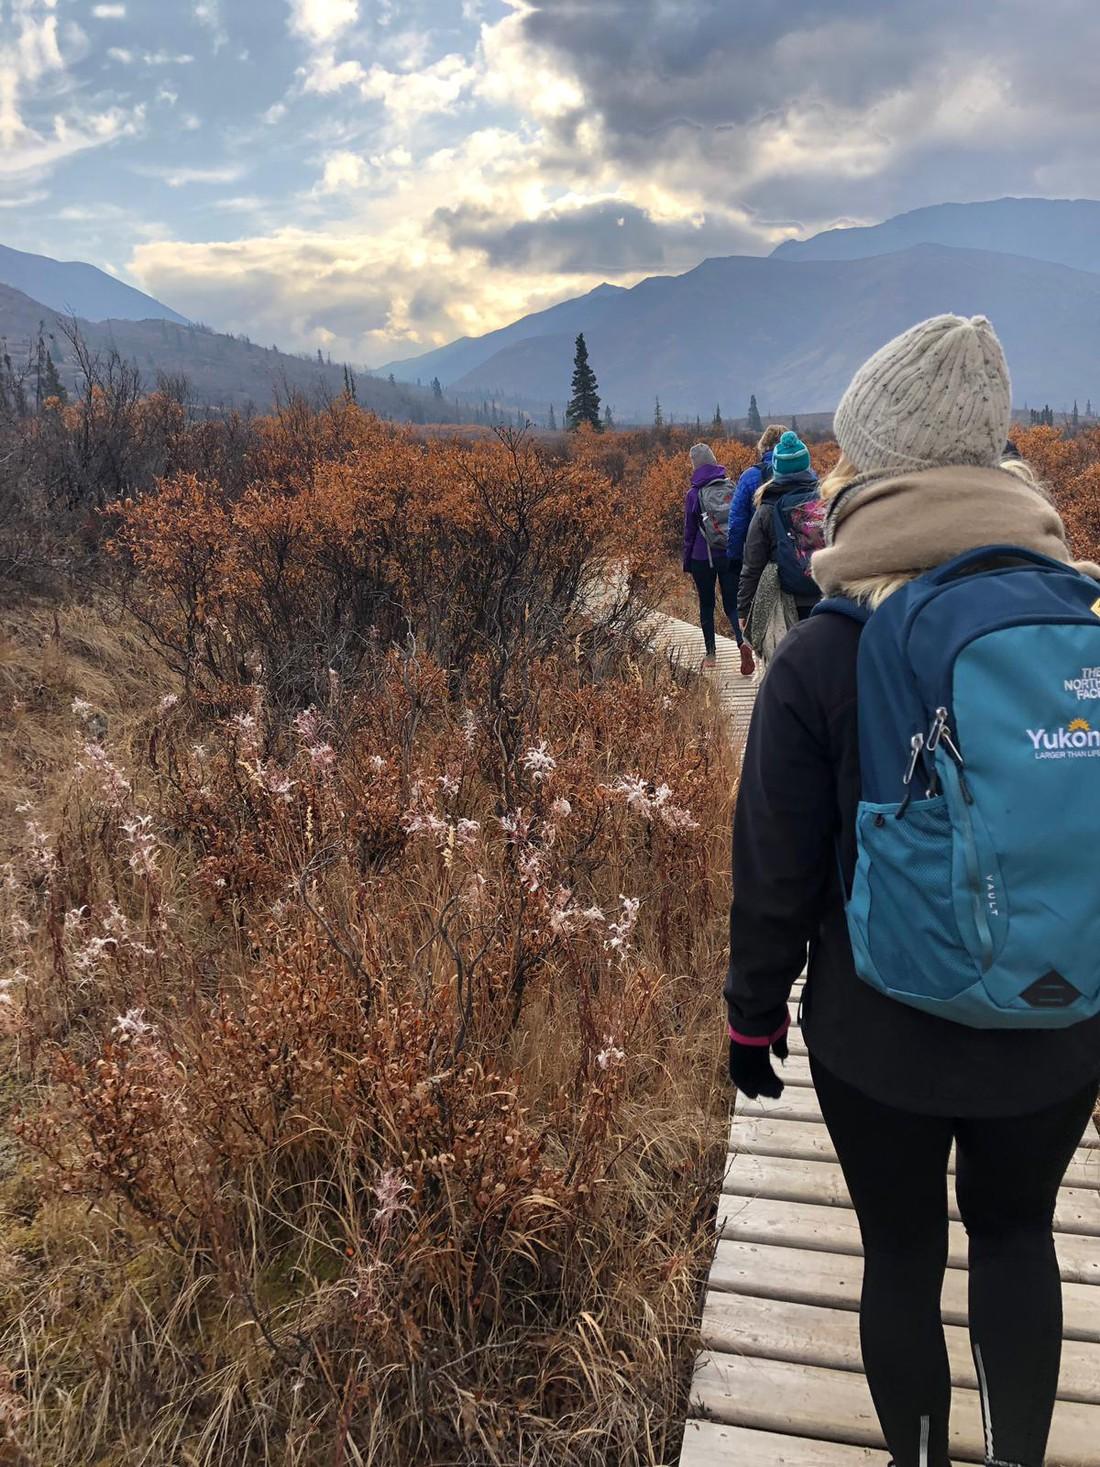 Tombstone Territorial Park - Yukon - Canada - Doets Reizen